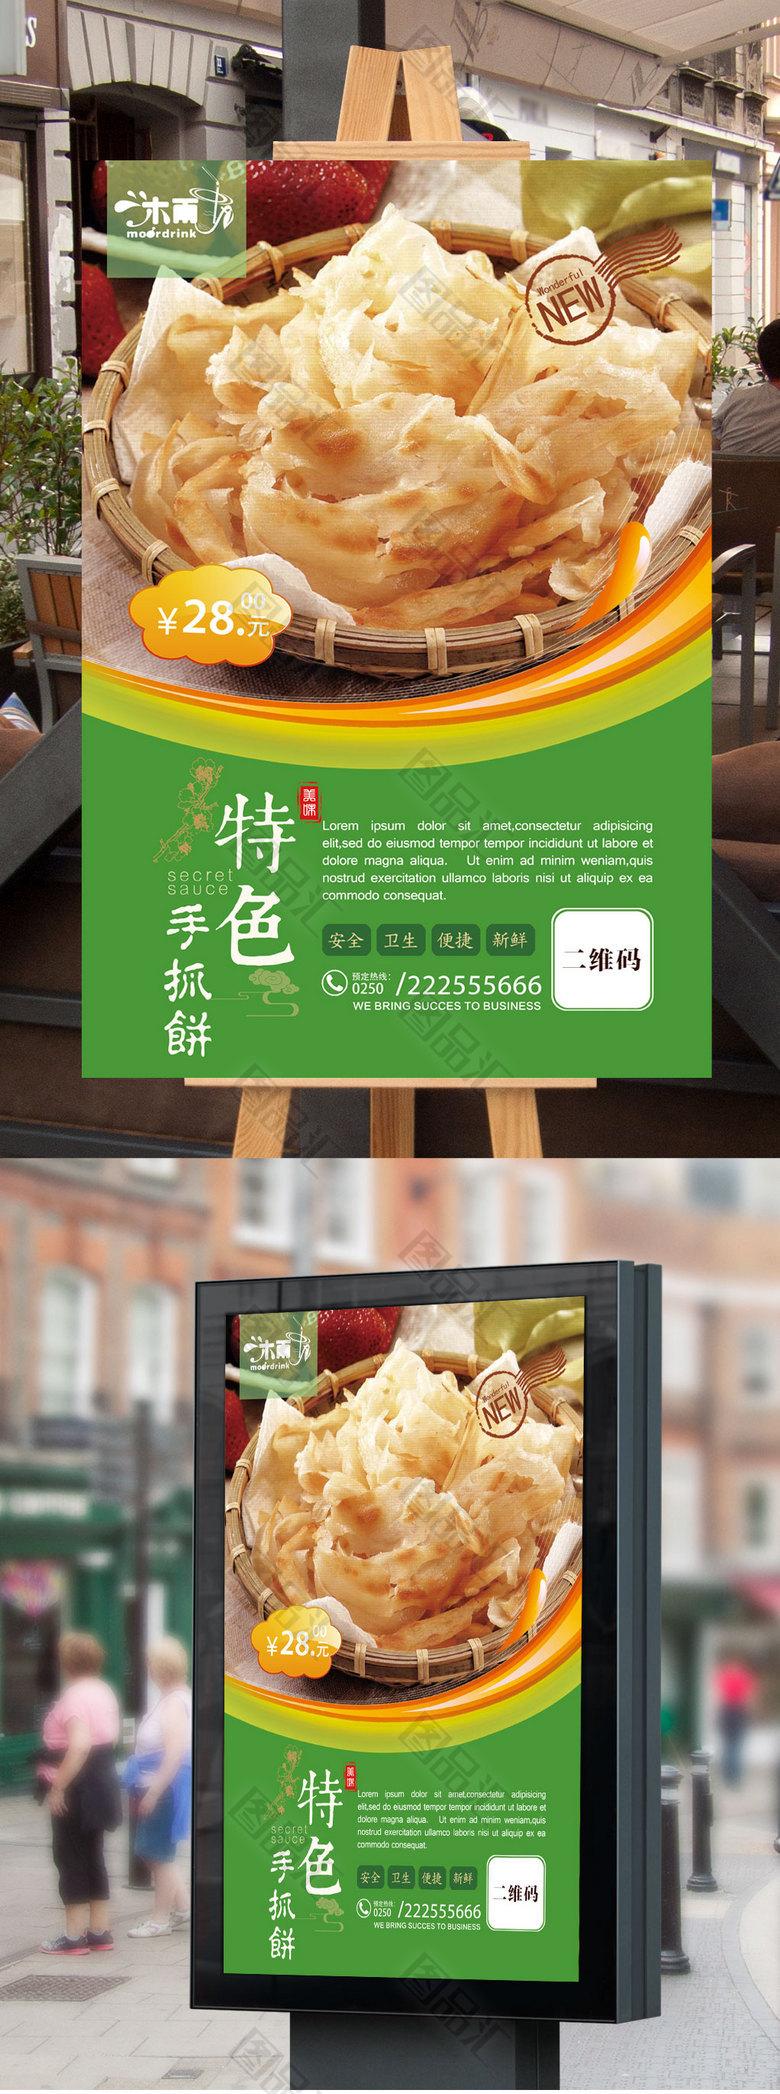 精美高档手抓饼海报设计易动态绘制航线语言图图片